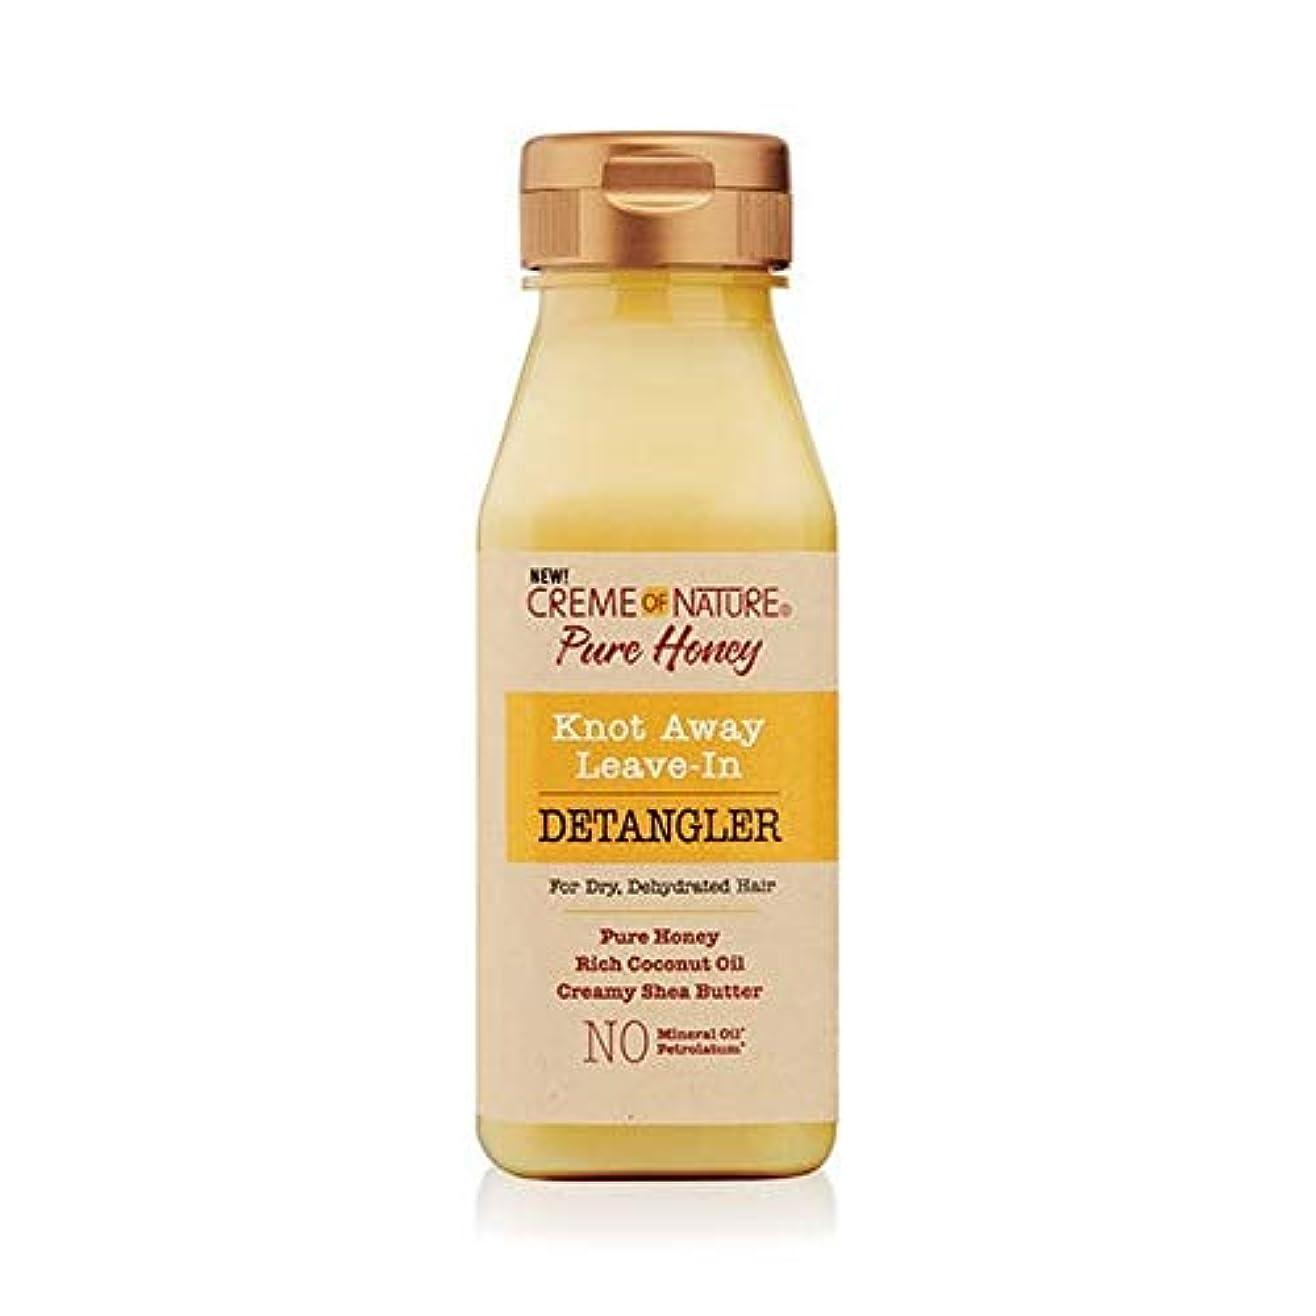 ミルク化学者良性[Creme of Nature ] 自然の純粋な蜂蜜の結び目のクリームは離れDetanglerに残します - Creme of Nature Pure Honey Knot Away Leave in Detangler...